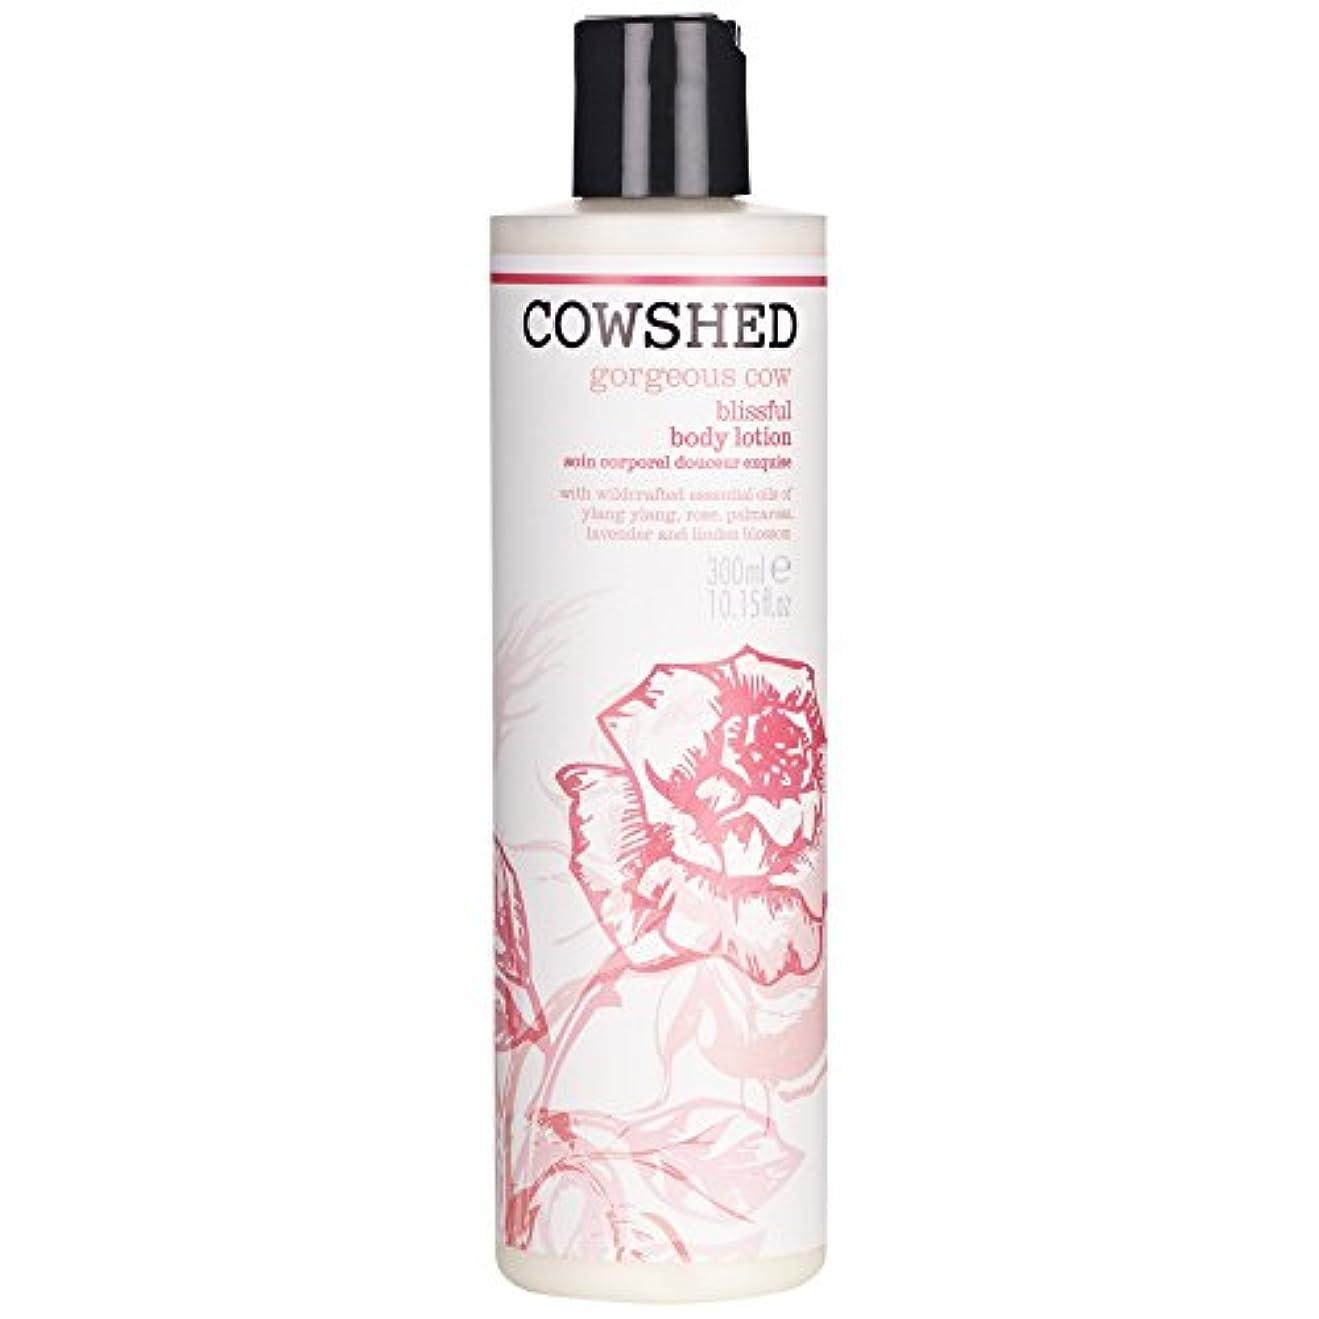 牛舎ゴージャスな牛のボディローション300ミリリットル (Cowshed) (x2) - Cowshed Gorgeous Cow Body Lotion 300ml (Pack of 2) [並行輸入品]